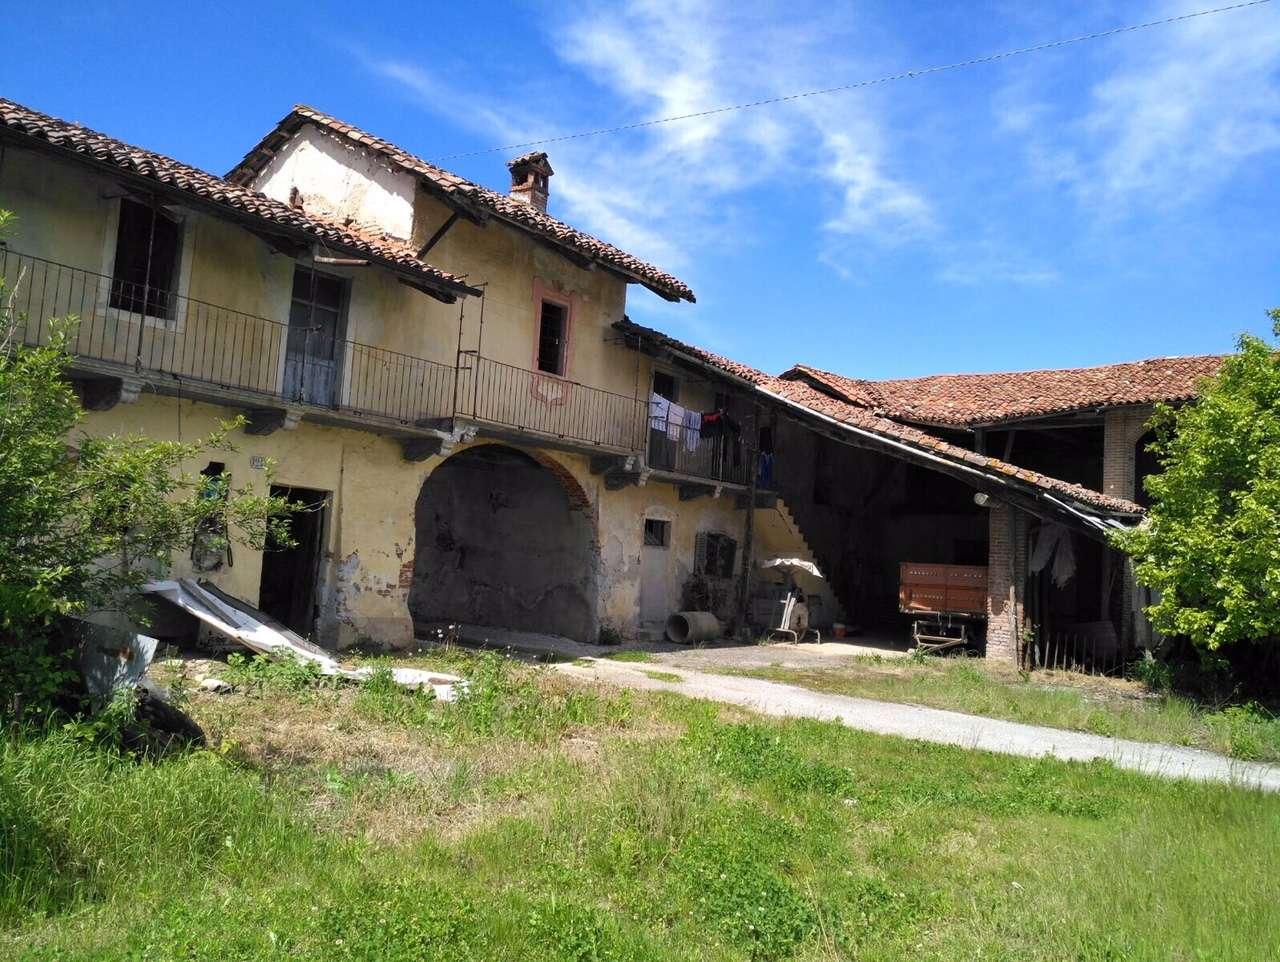 Rustico / Casale in vendita a Narzole, 8 locali, prezzo € 39.000 | CambioCasa.it